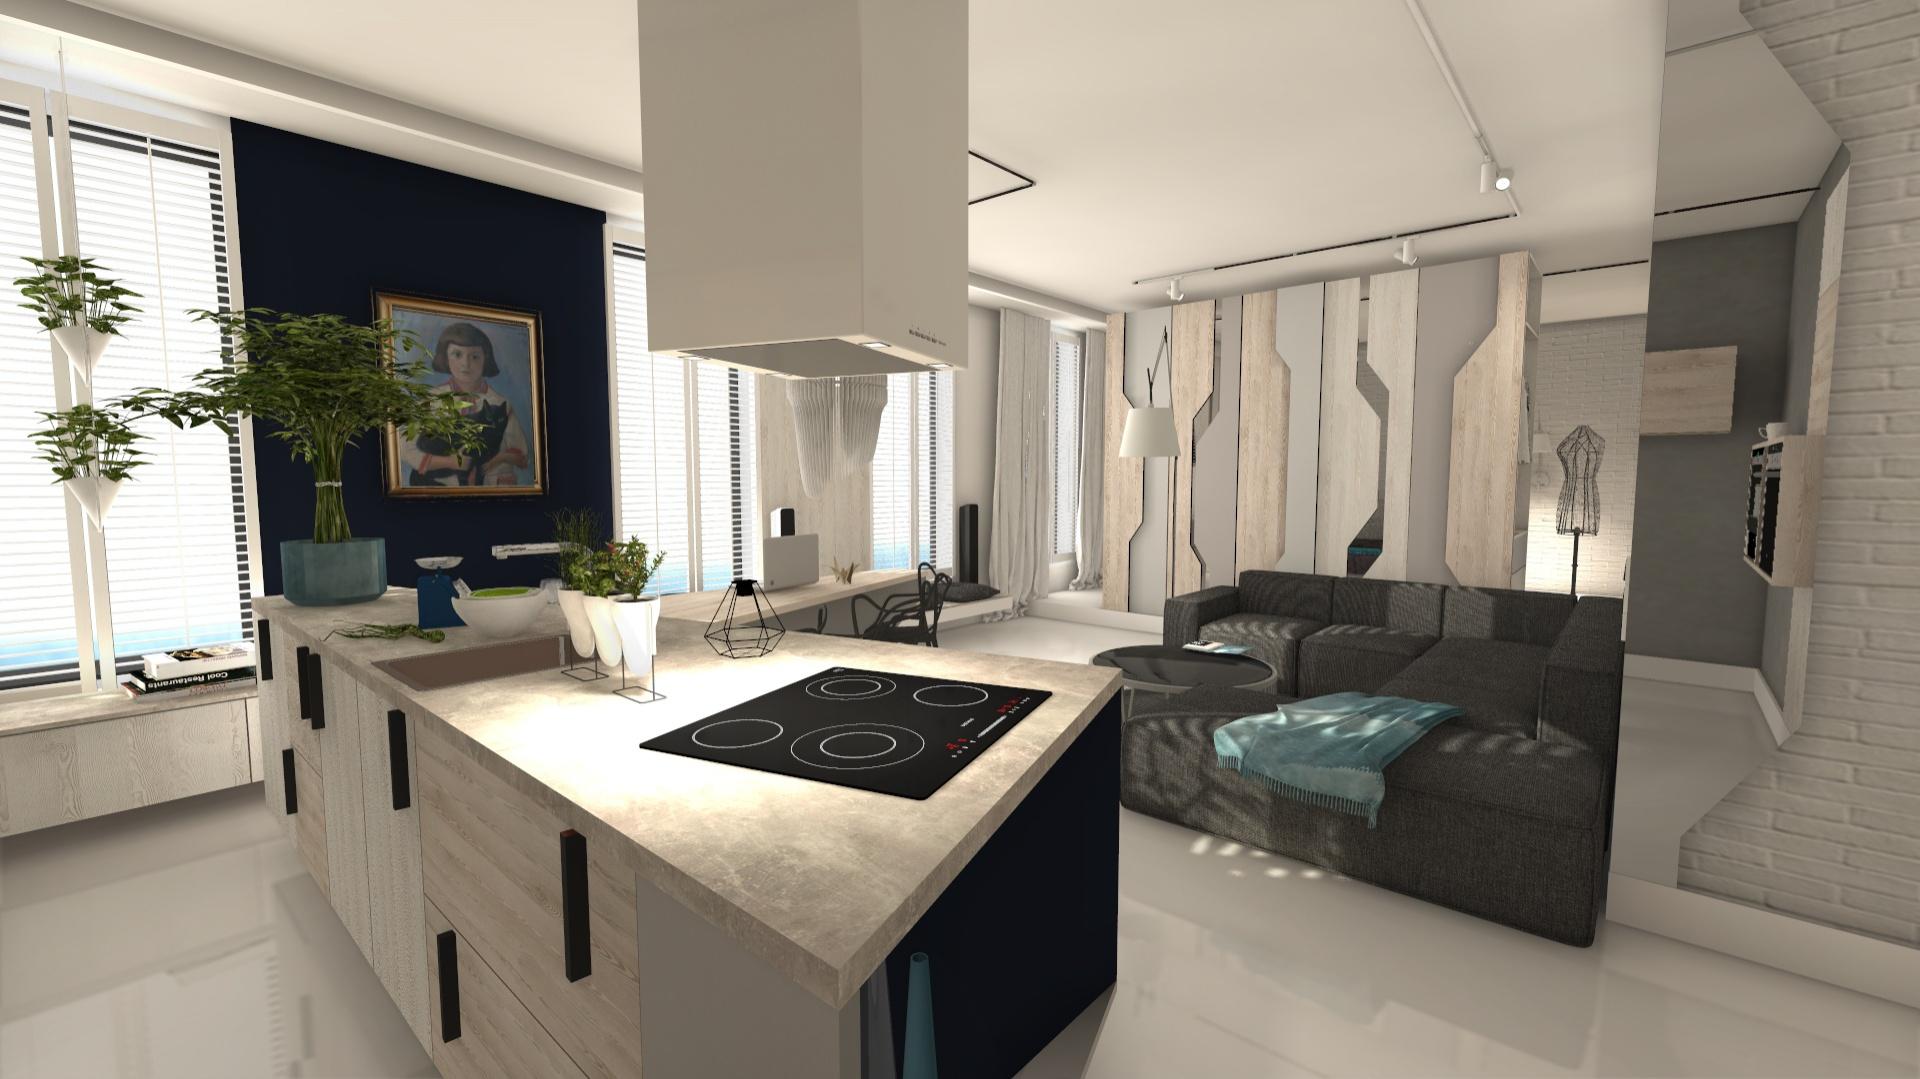 I miejsce, wygrana oraz 5000 zł i program CAD Decor PRO zostały przyznane projektantowi Tadeuszowi Tomaszewskiemu za projekt mieszkania o powierzchni 65 m2, inspirowany widokiem wybrzeża morskiego. Fot. Materiały prasowe